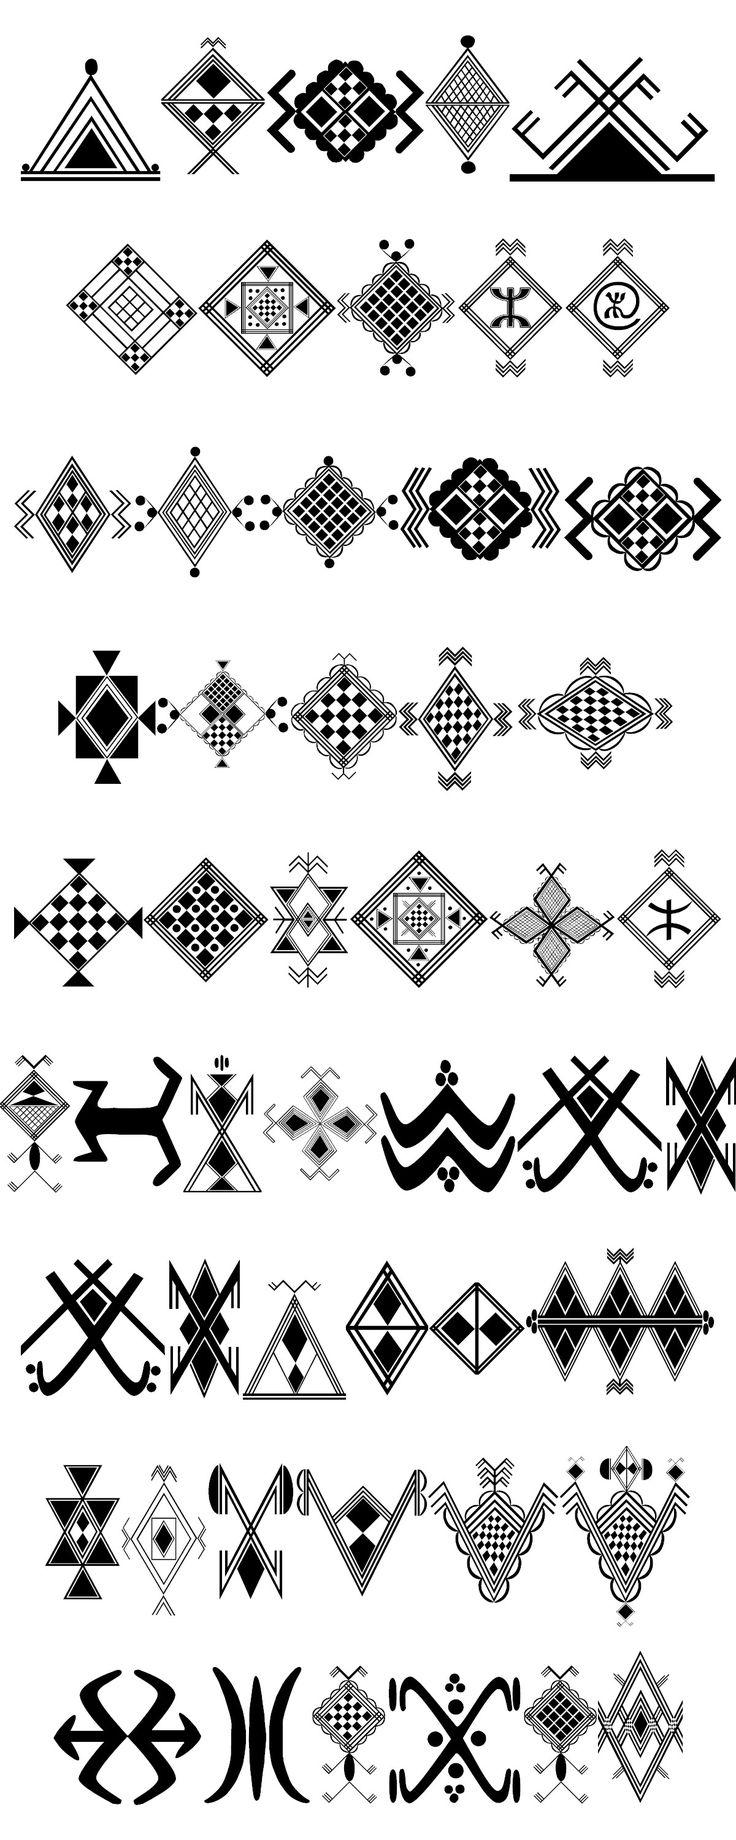 symboles berbere